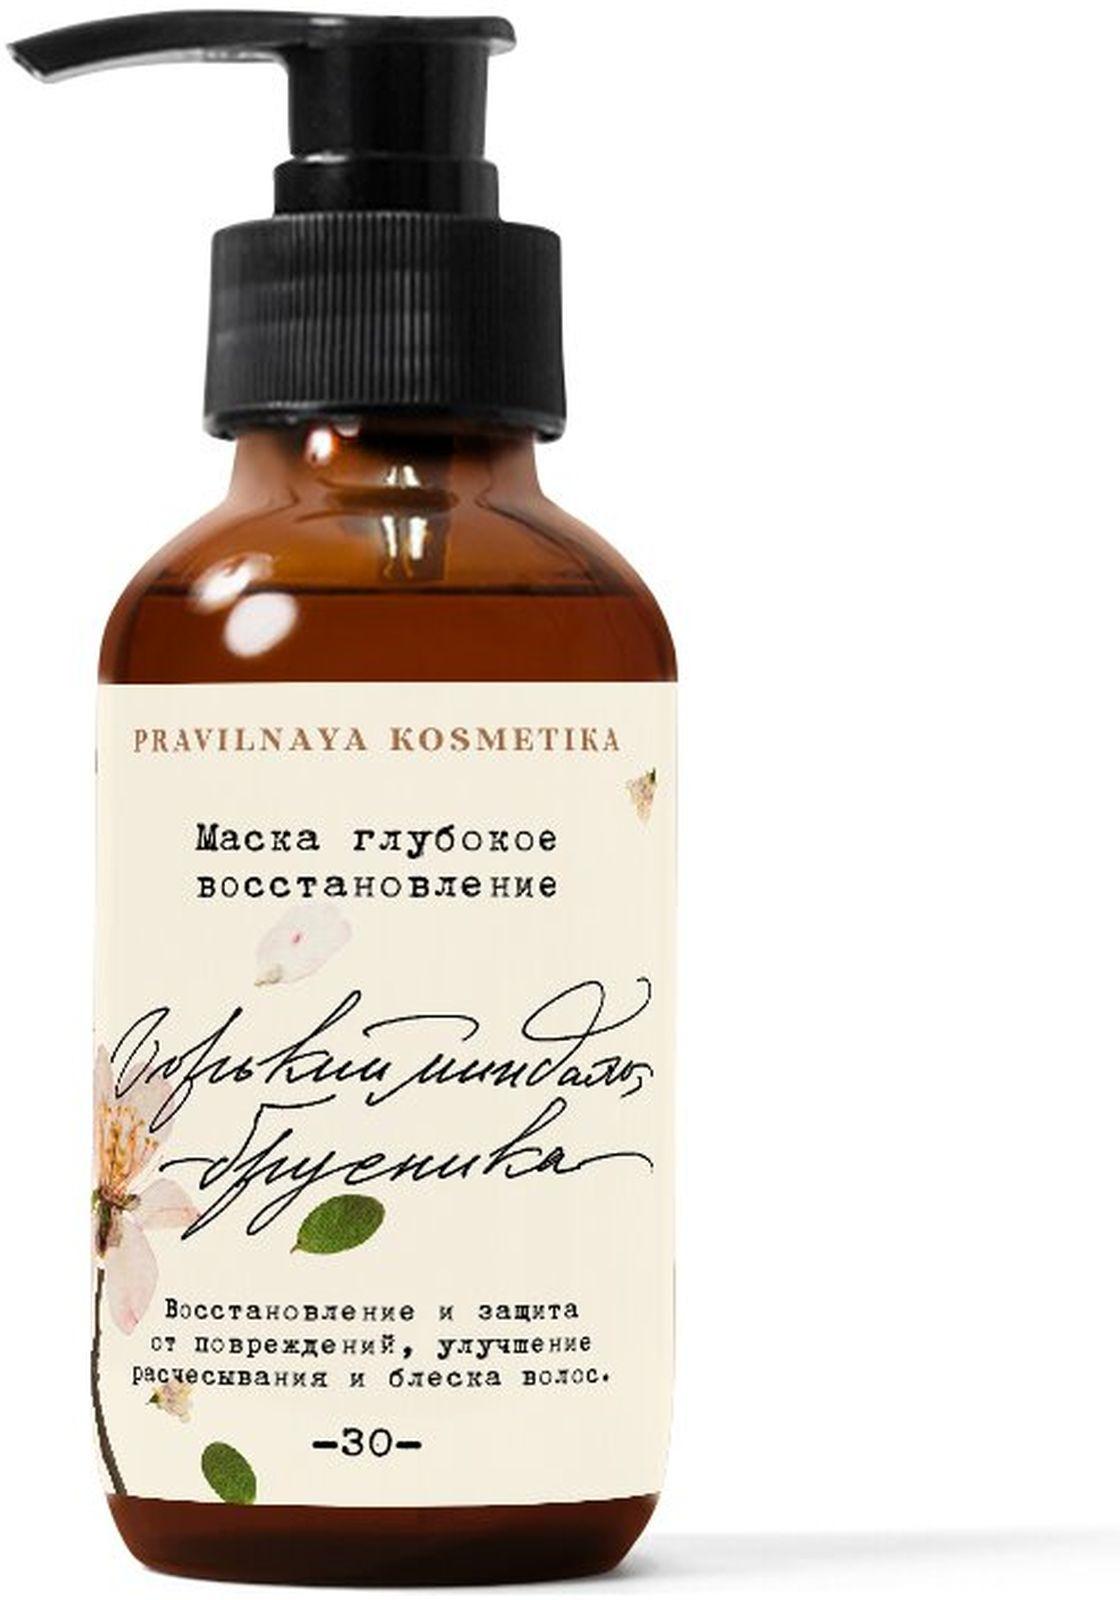 Маска для волос Pravilnaya Kosmetika Горький миндаль & Брусника, для глубокого восстановления, 100 мл косметика маска